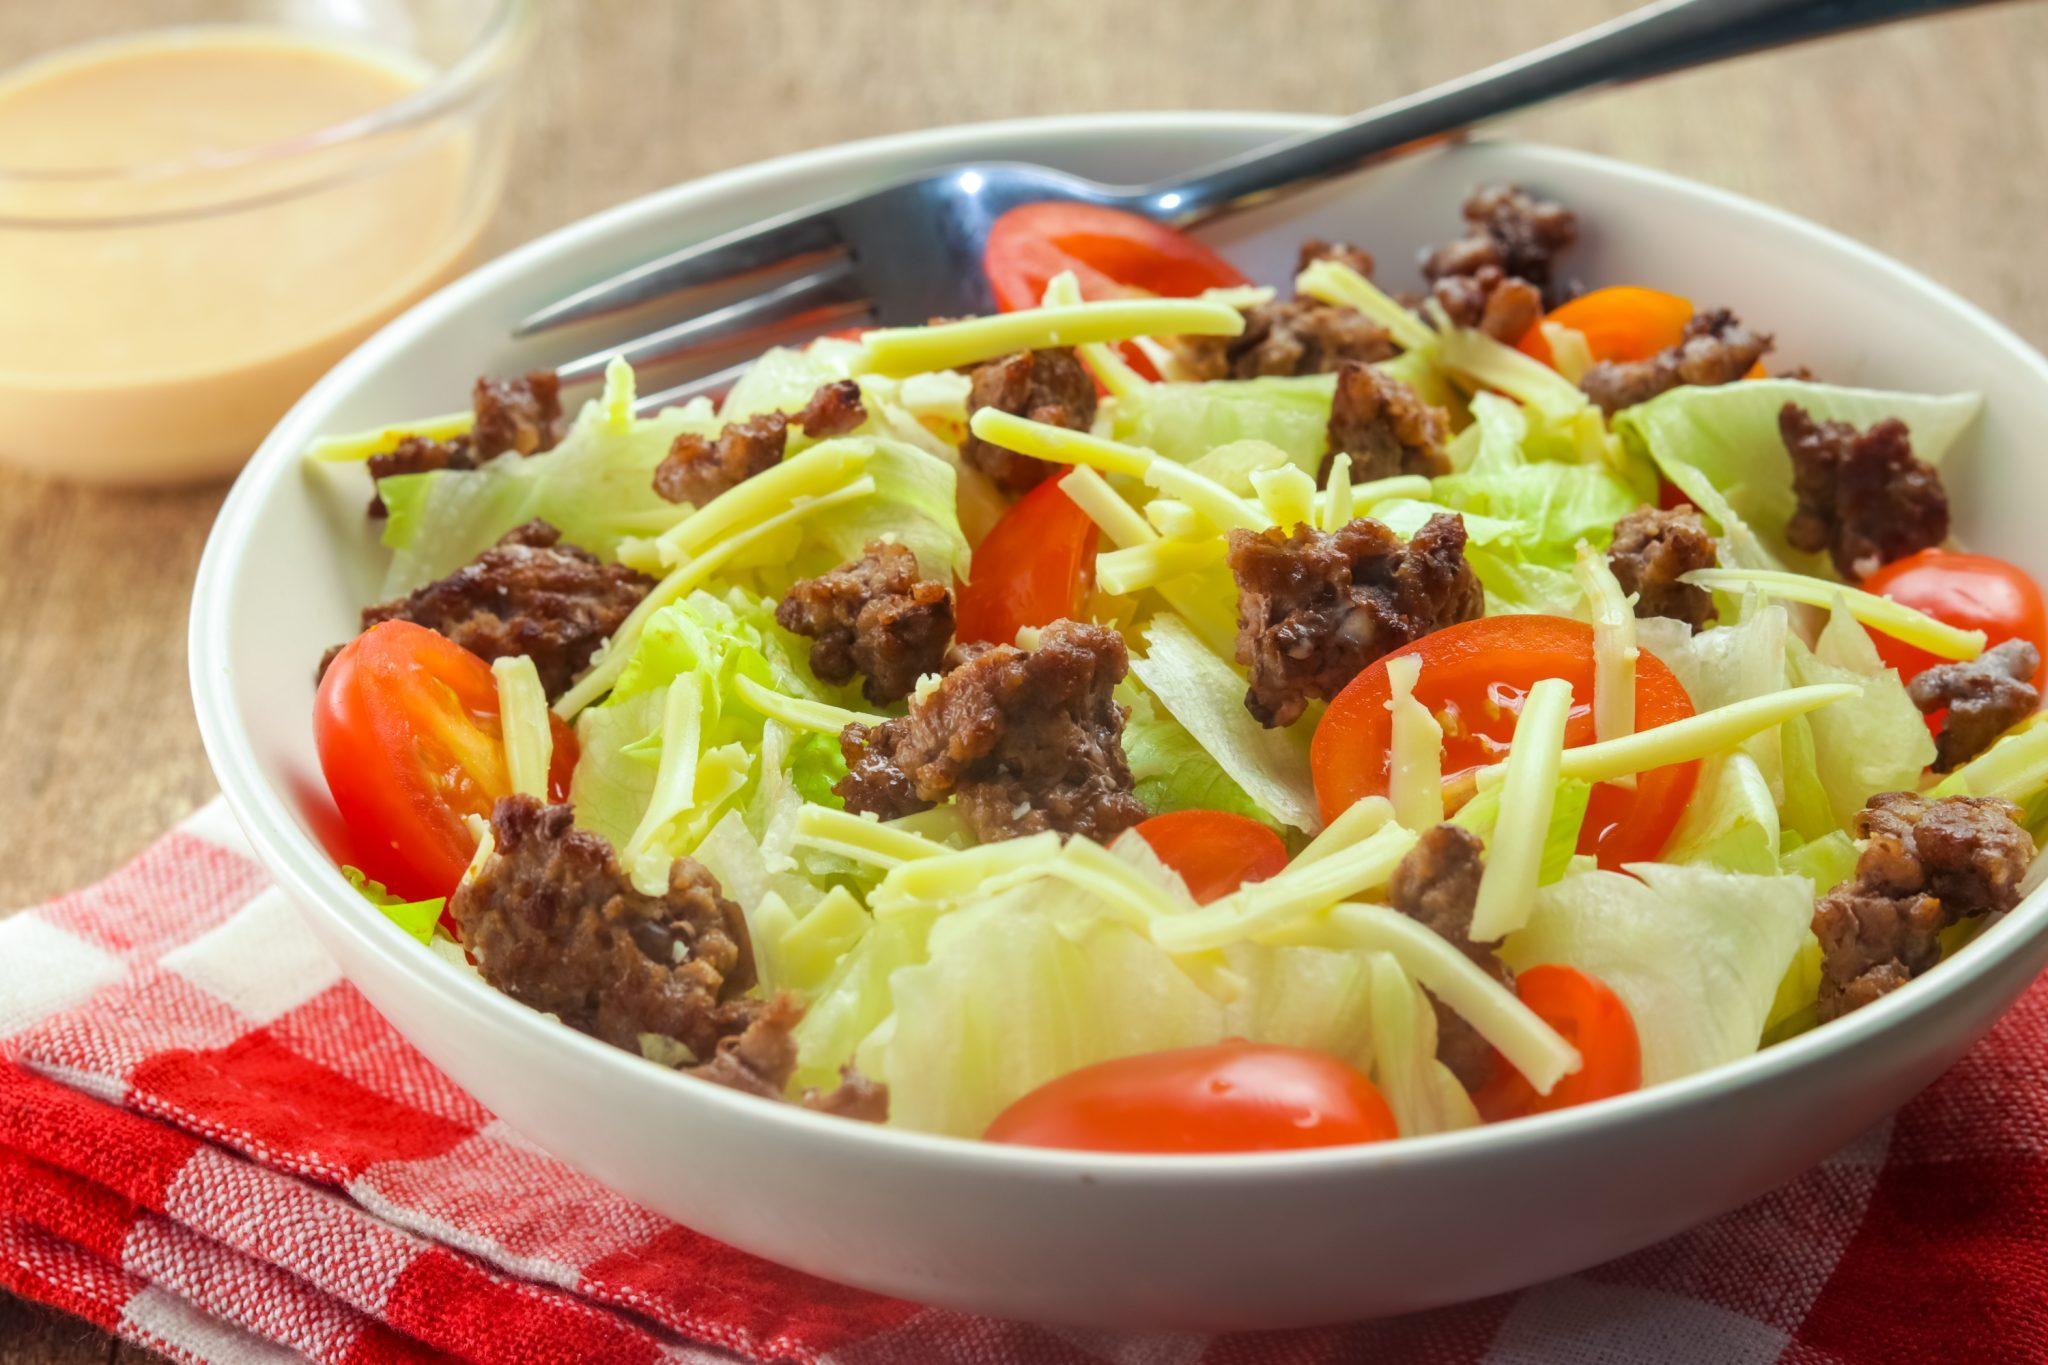 keto recipes: Smoky Cheeseburger Salad